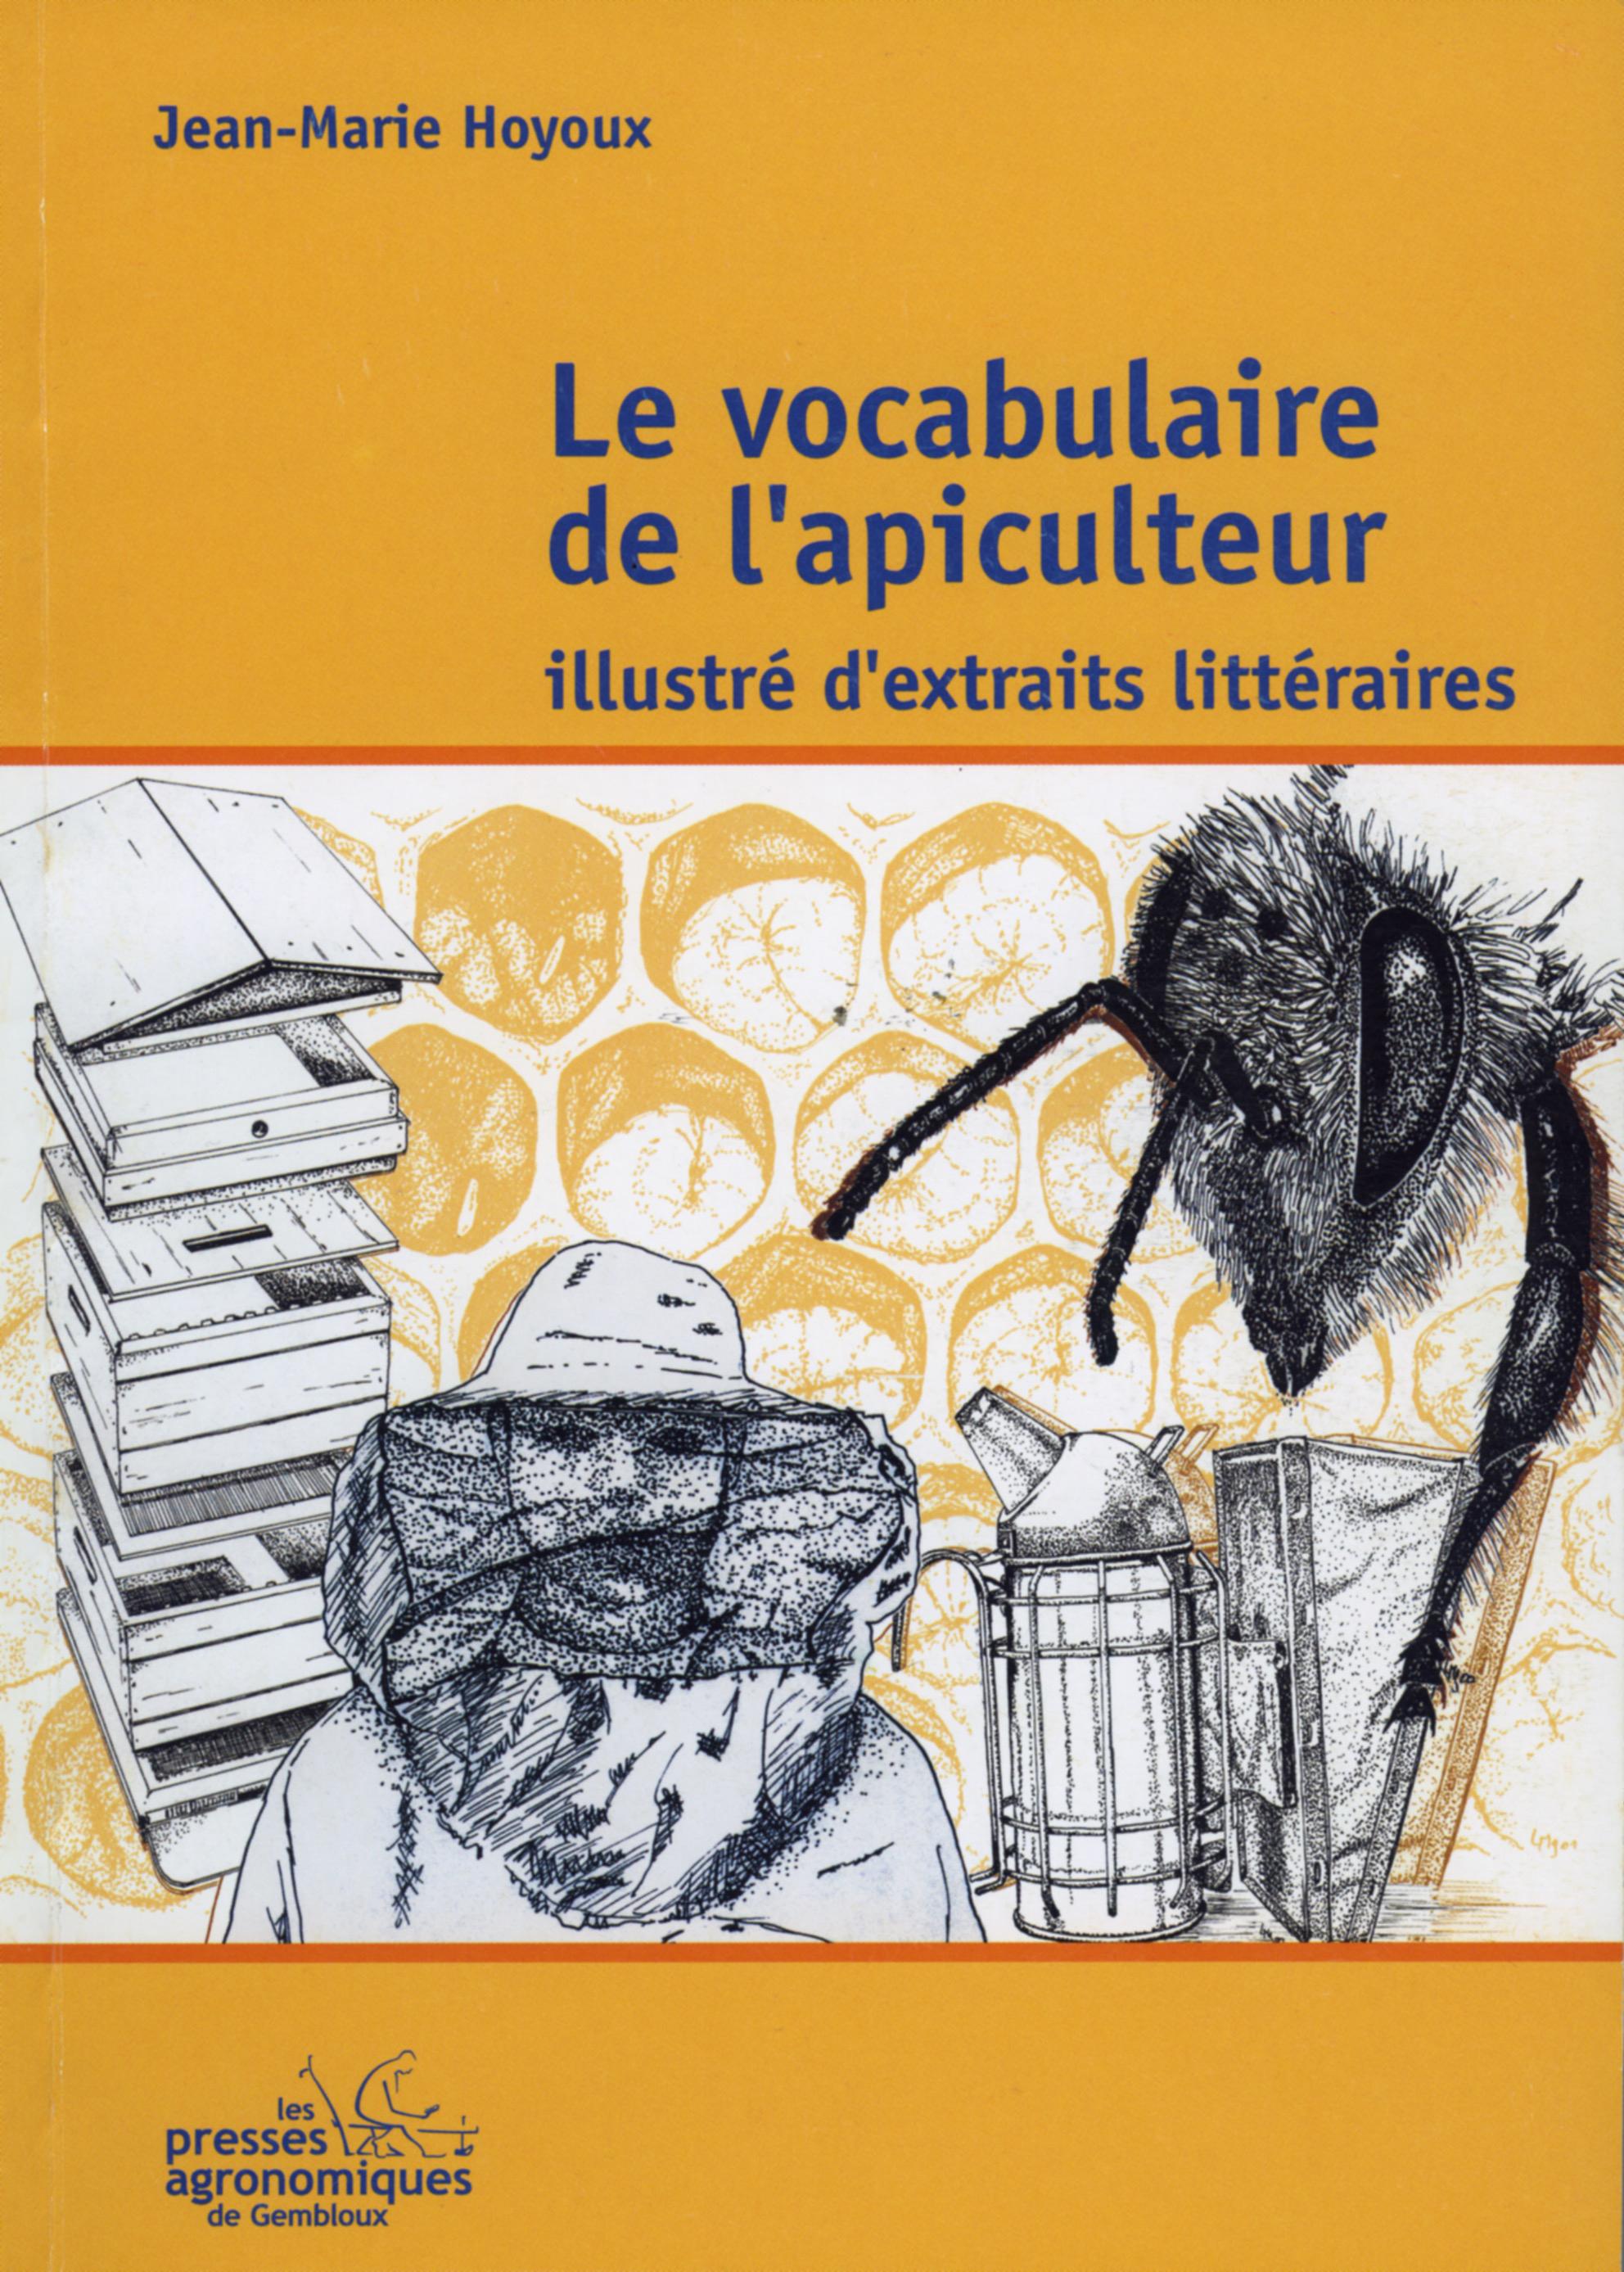 LE VOCABULAIRE DE L'APICULTEUR ILLUSTRED'EXTRAITS LITTERAIRES